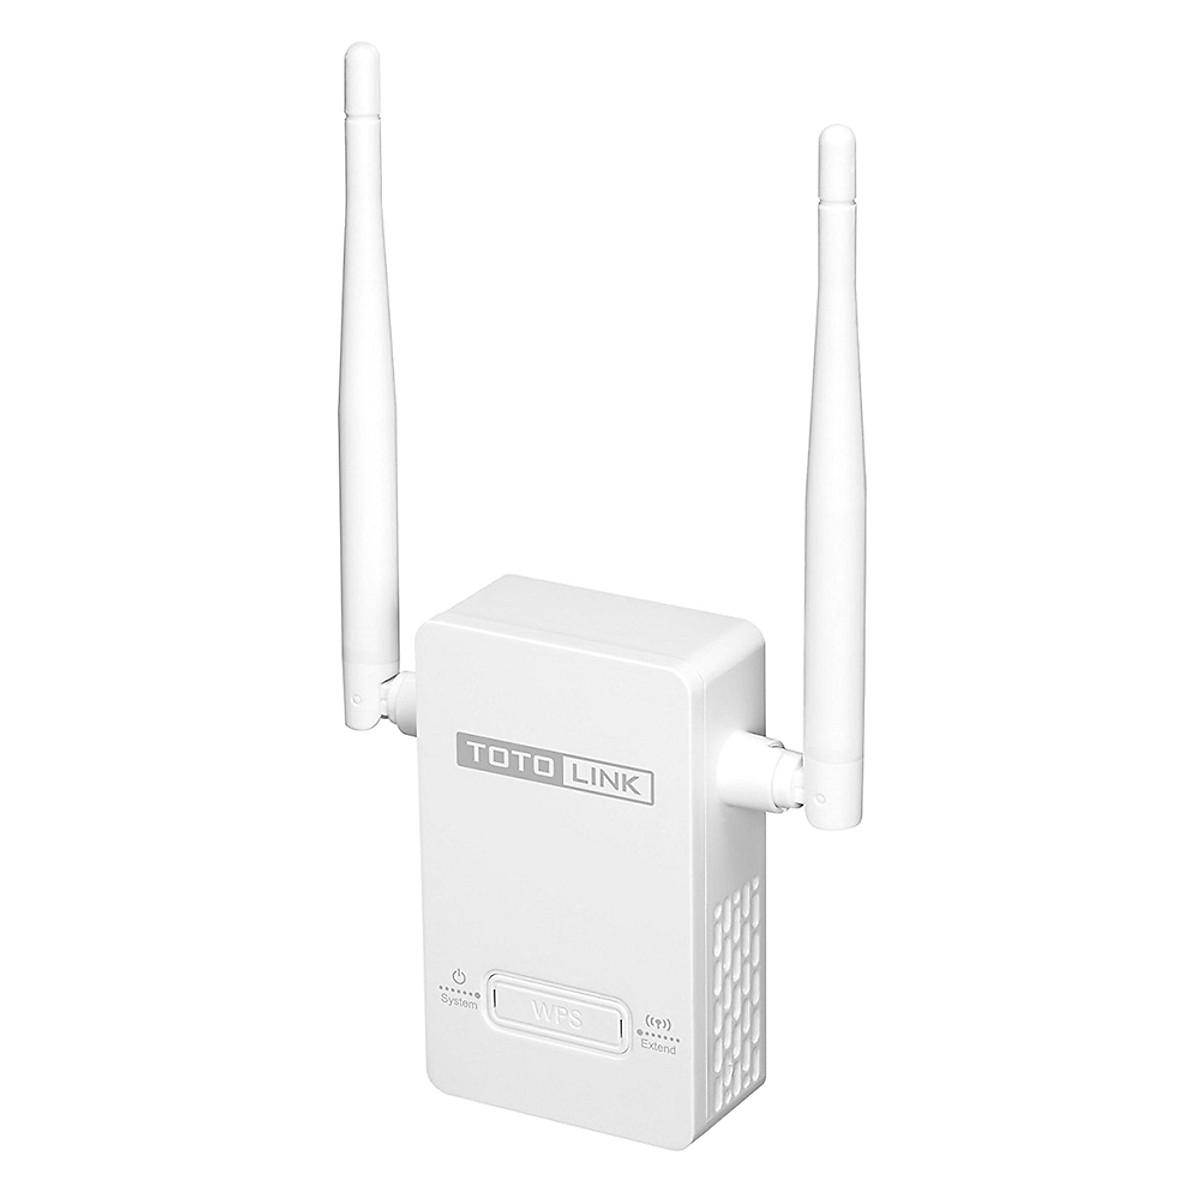 Bộ Kích Sóng Wifi Repeater 300Mbps Totolink EX200 – Hàng Chính Hãng